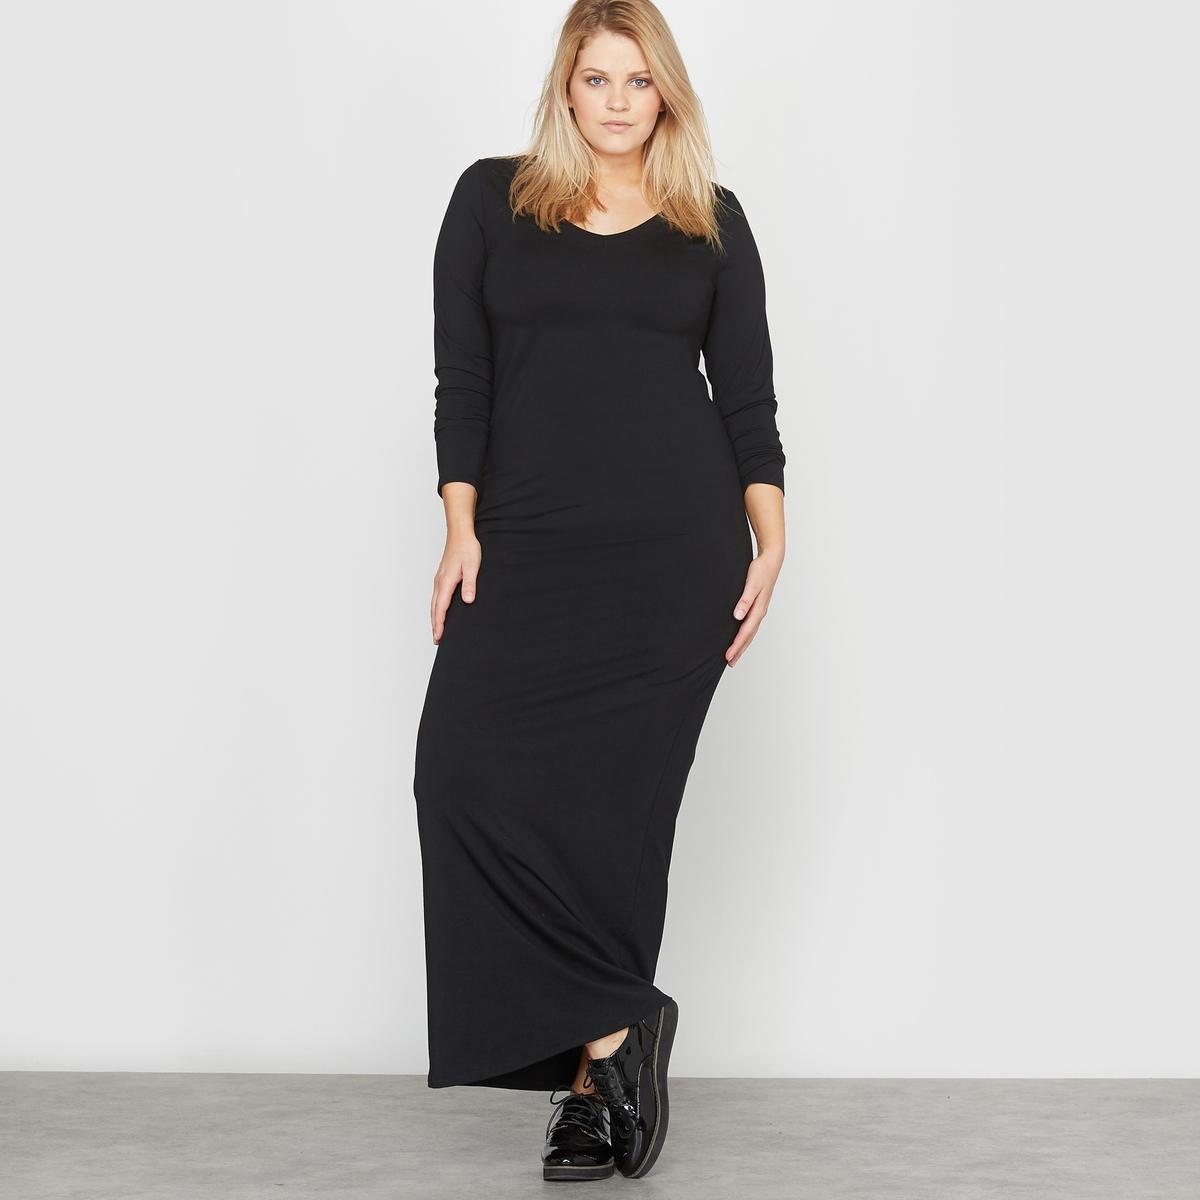 Платье длинное трикотажное с длинными рукавамиОчень женственное длинное платье из мягкого и струящегося трикотажа .Это длинное платье можно носить по любому случаю. Очаровательный V-образный вырез спереди и сзади.Детали  •  Форма : МАКСИ •  Удлиненная модель  •  Длинные рукава    •   V-образный вырез Состав и уход  •  48% хлопка, 4% эластана, 48% модала •  Стирать при 30° на деликатном режиме  •  Сухая чистка и отбеливание запрещены   •  Не использовать барабанную сушку  •  Низкая температура глажки Товар из коллекции больших размеров<br><br>Цвет: черный